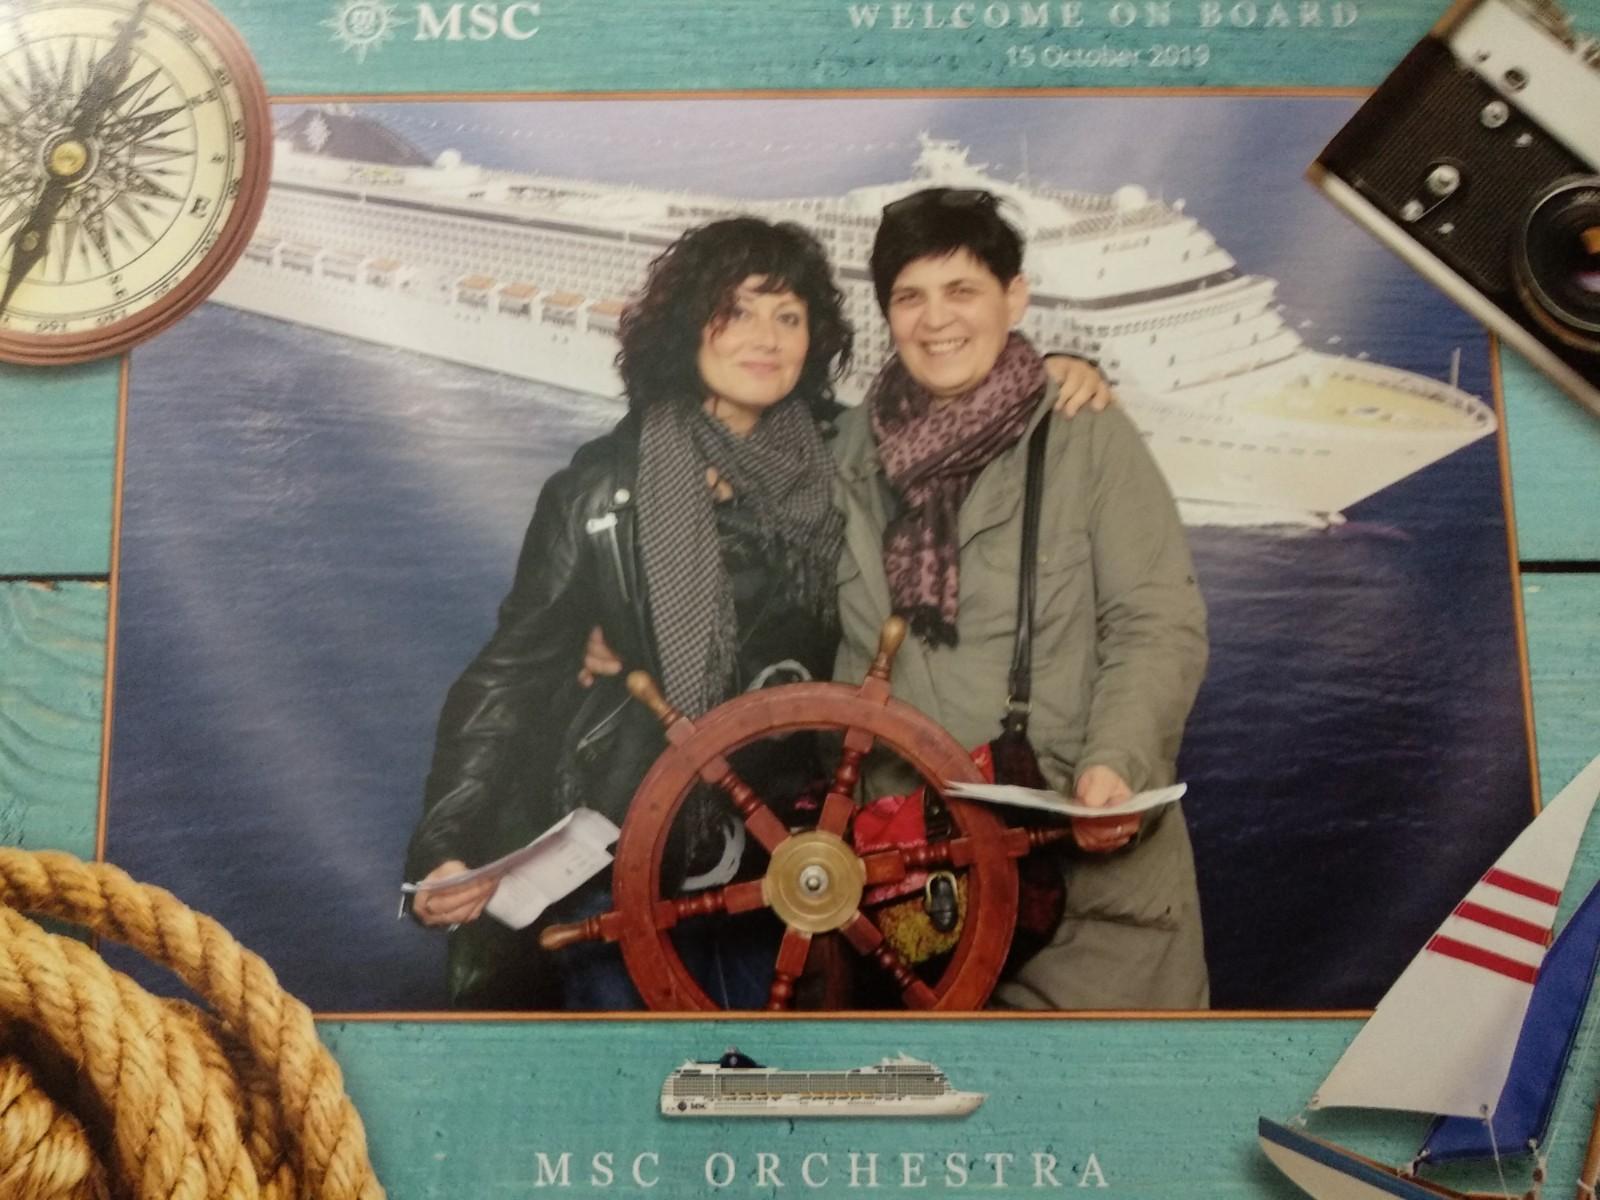 MSC Orchestra: Destinazione Marsiglia - Barcellona